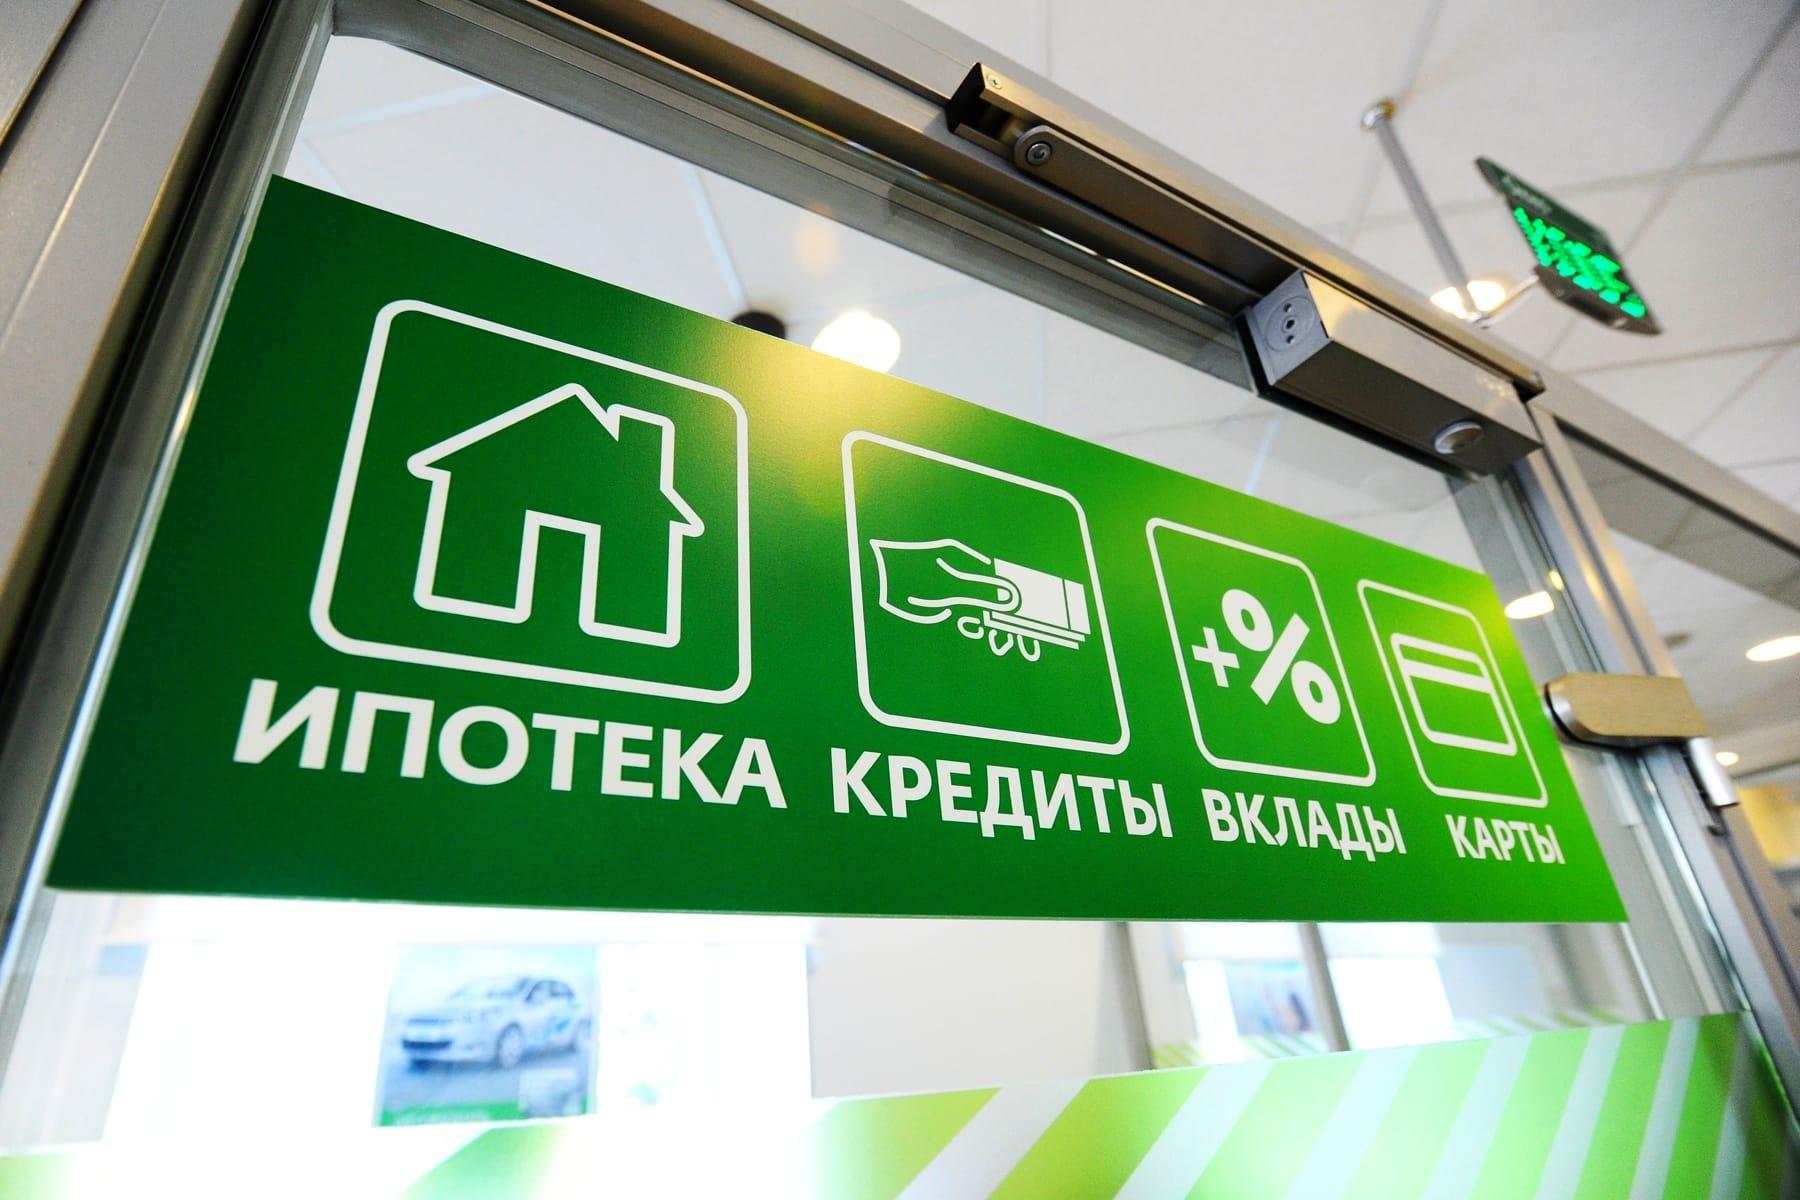 «Сбербанк» запустил вклады нового поколения со ставкой 20% годовых